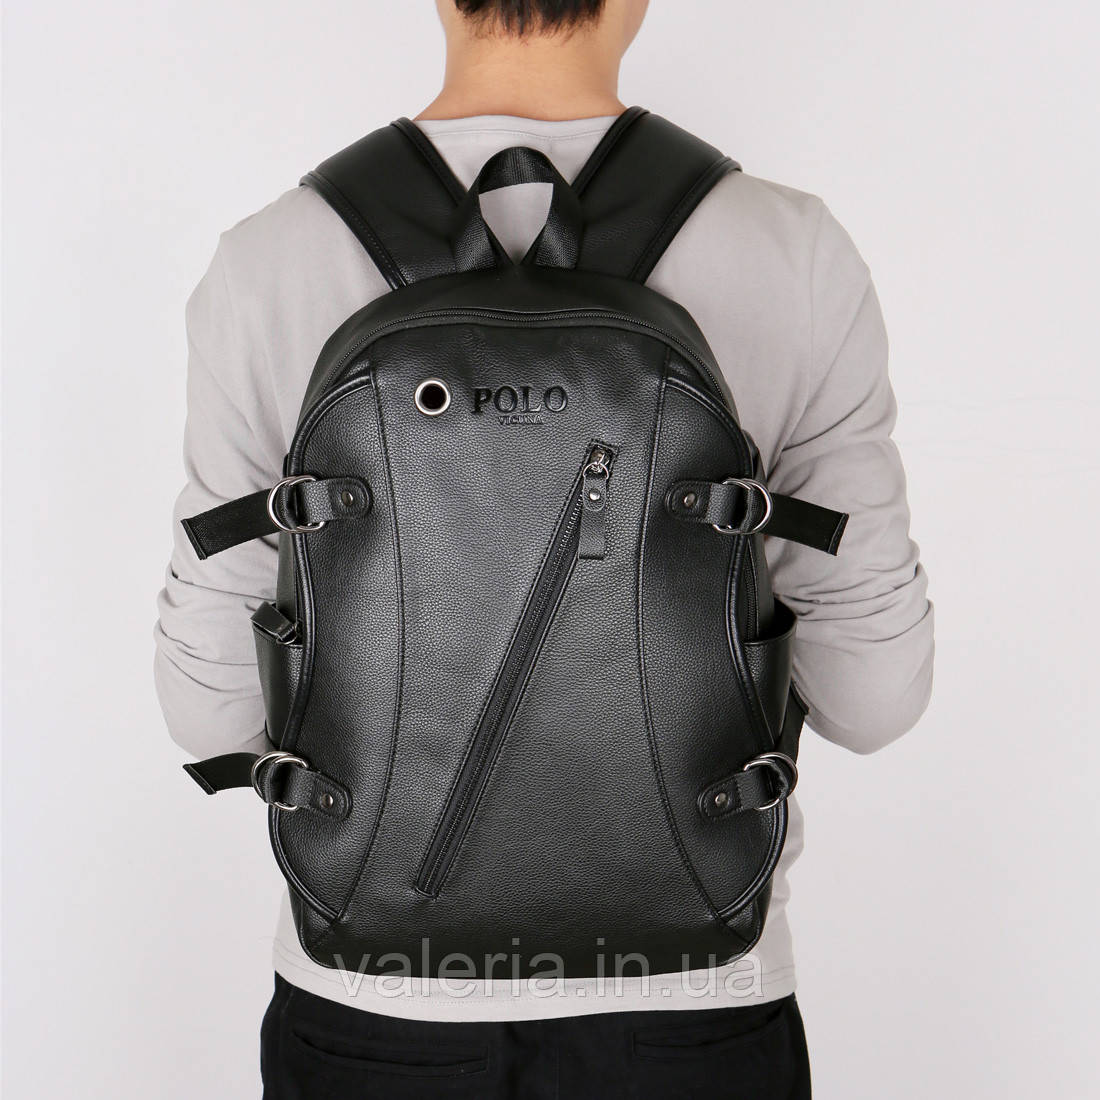 Городской мужской рюкзак POLO Черный